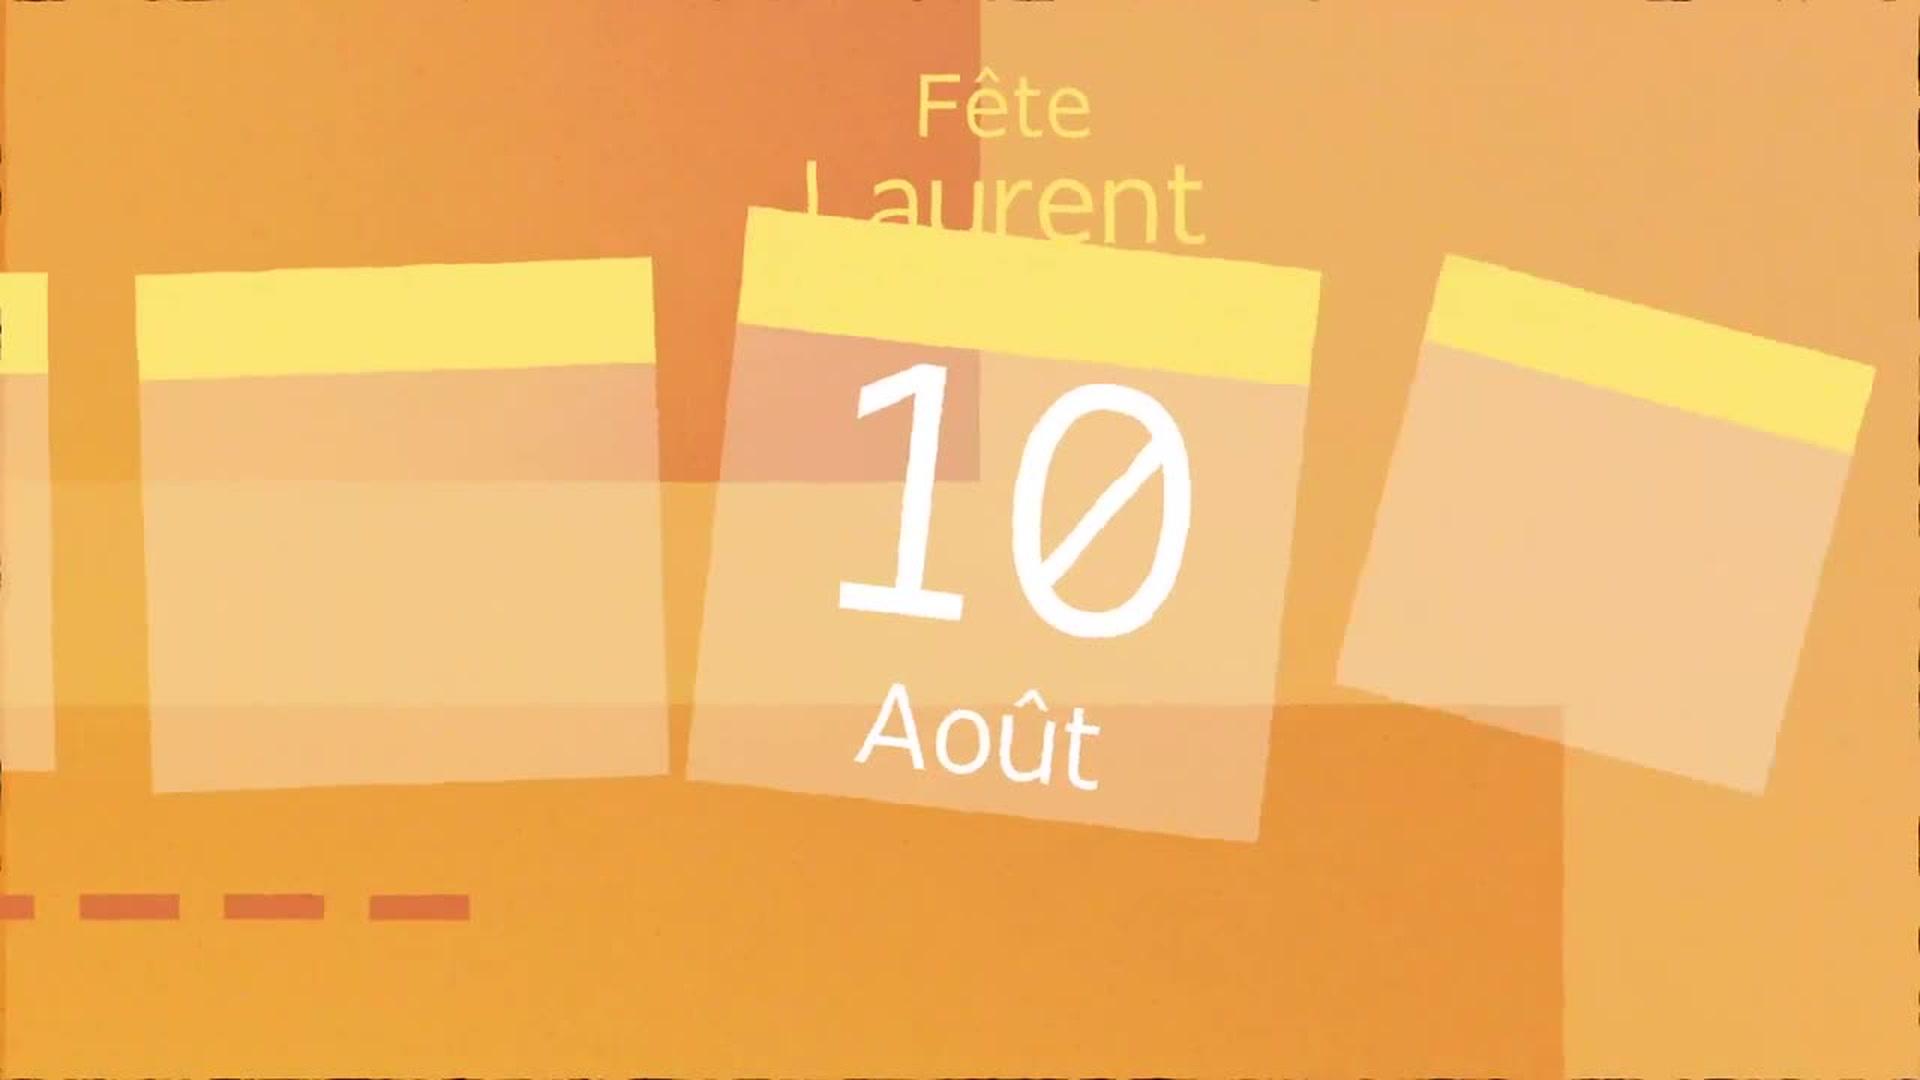 Carte Bonne Fete Laurent.Le Prenom Laurent